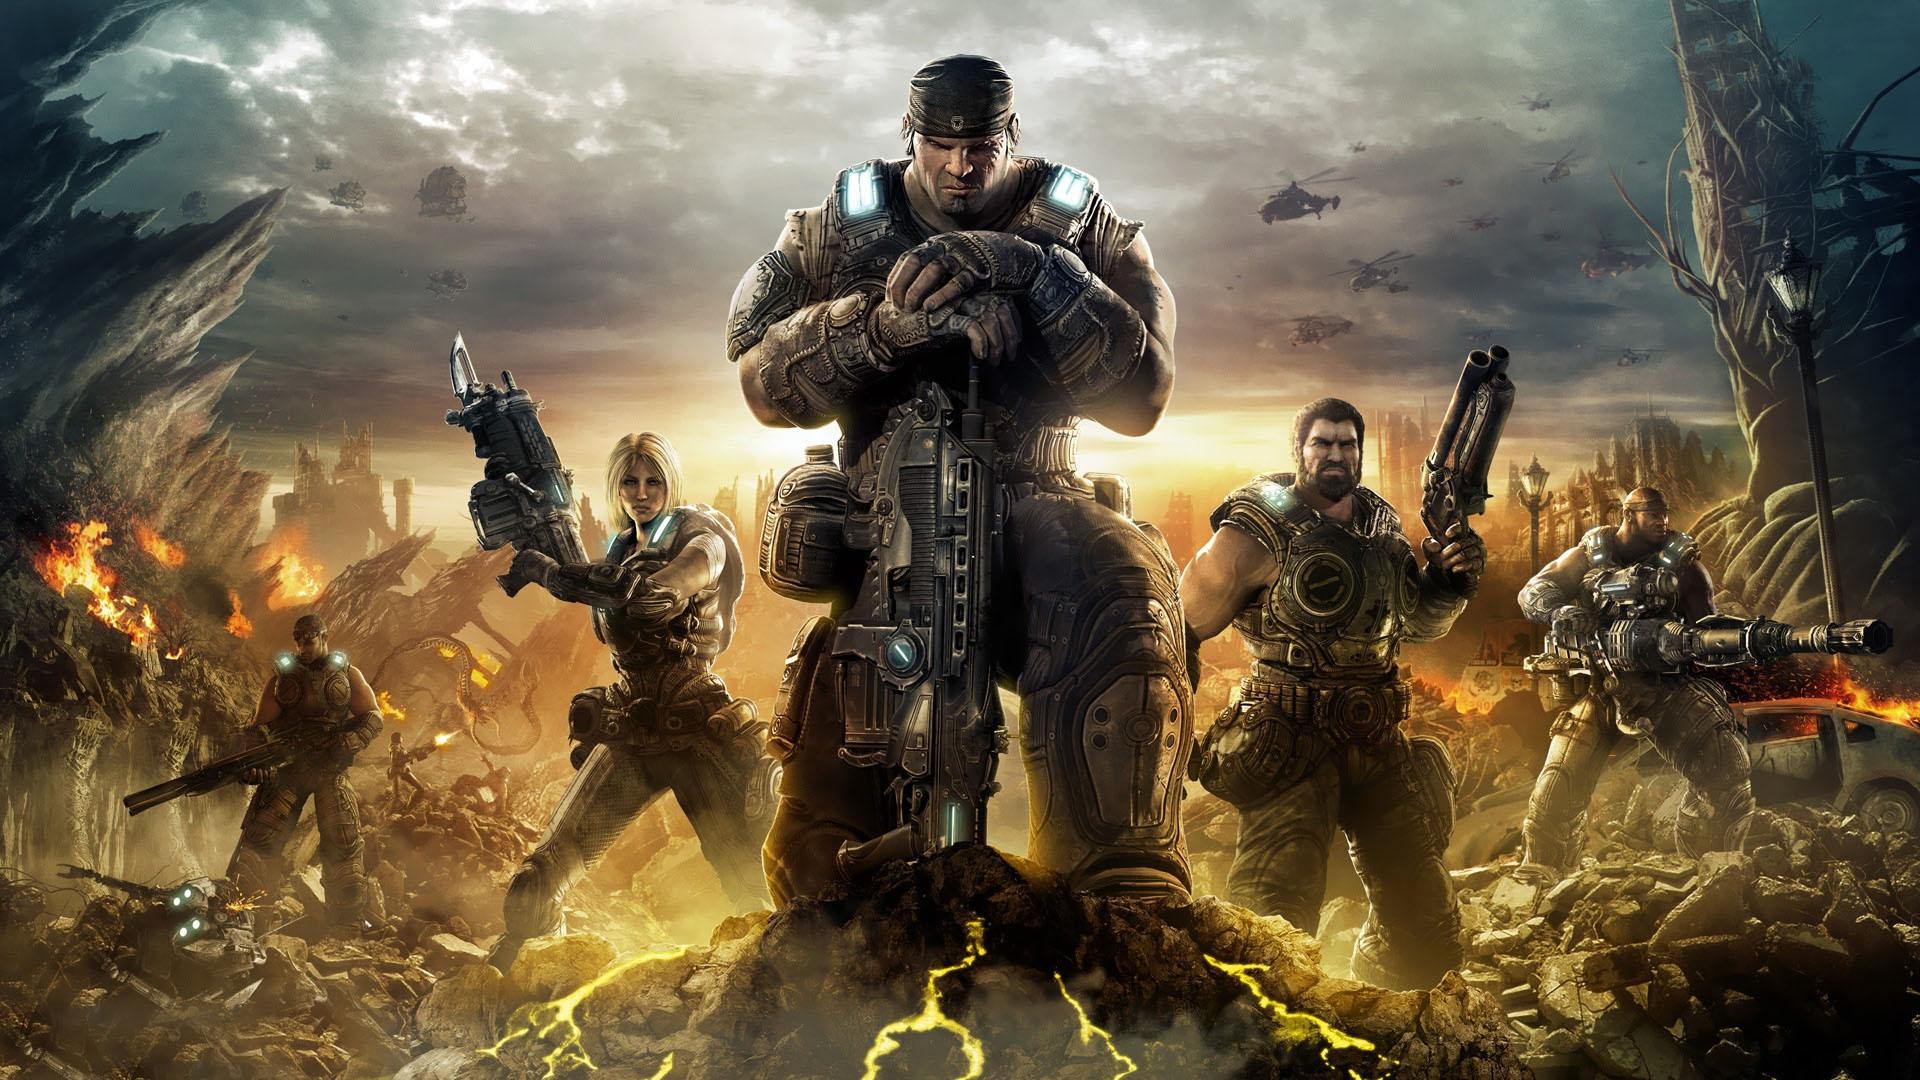 Gears of War Top Xbox